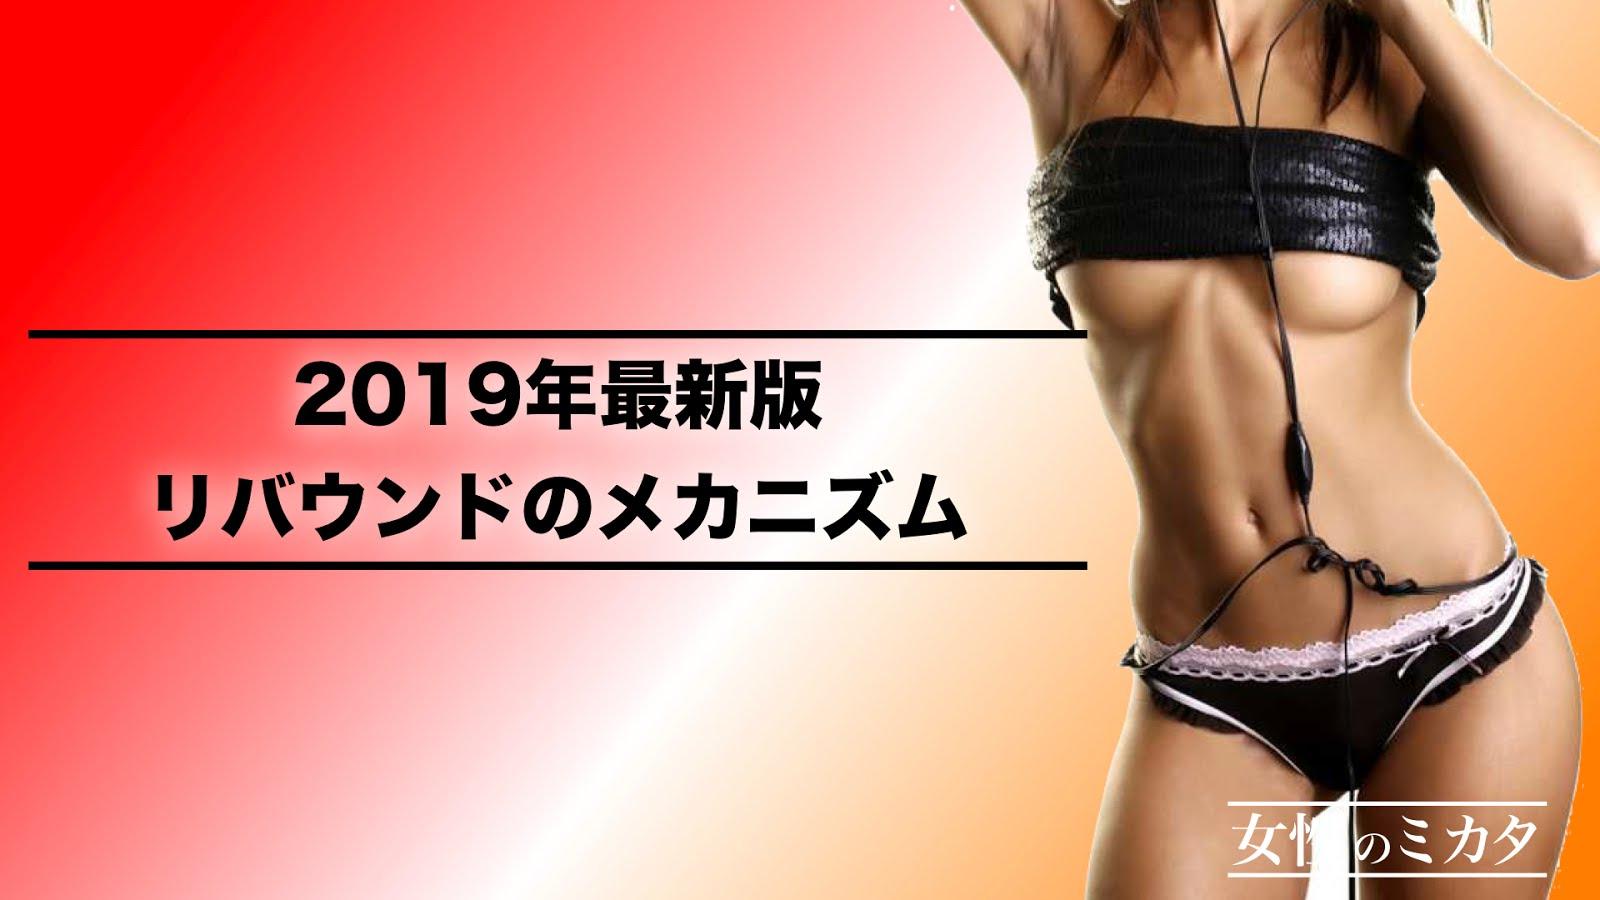 【最新】ダイエット失敗を防ぐ!リバウンドのメカニズム【2019年版】